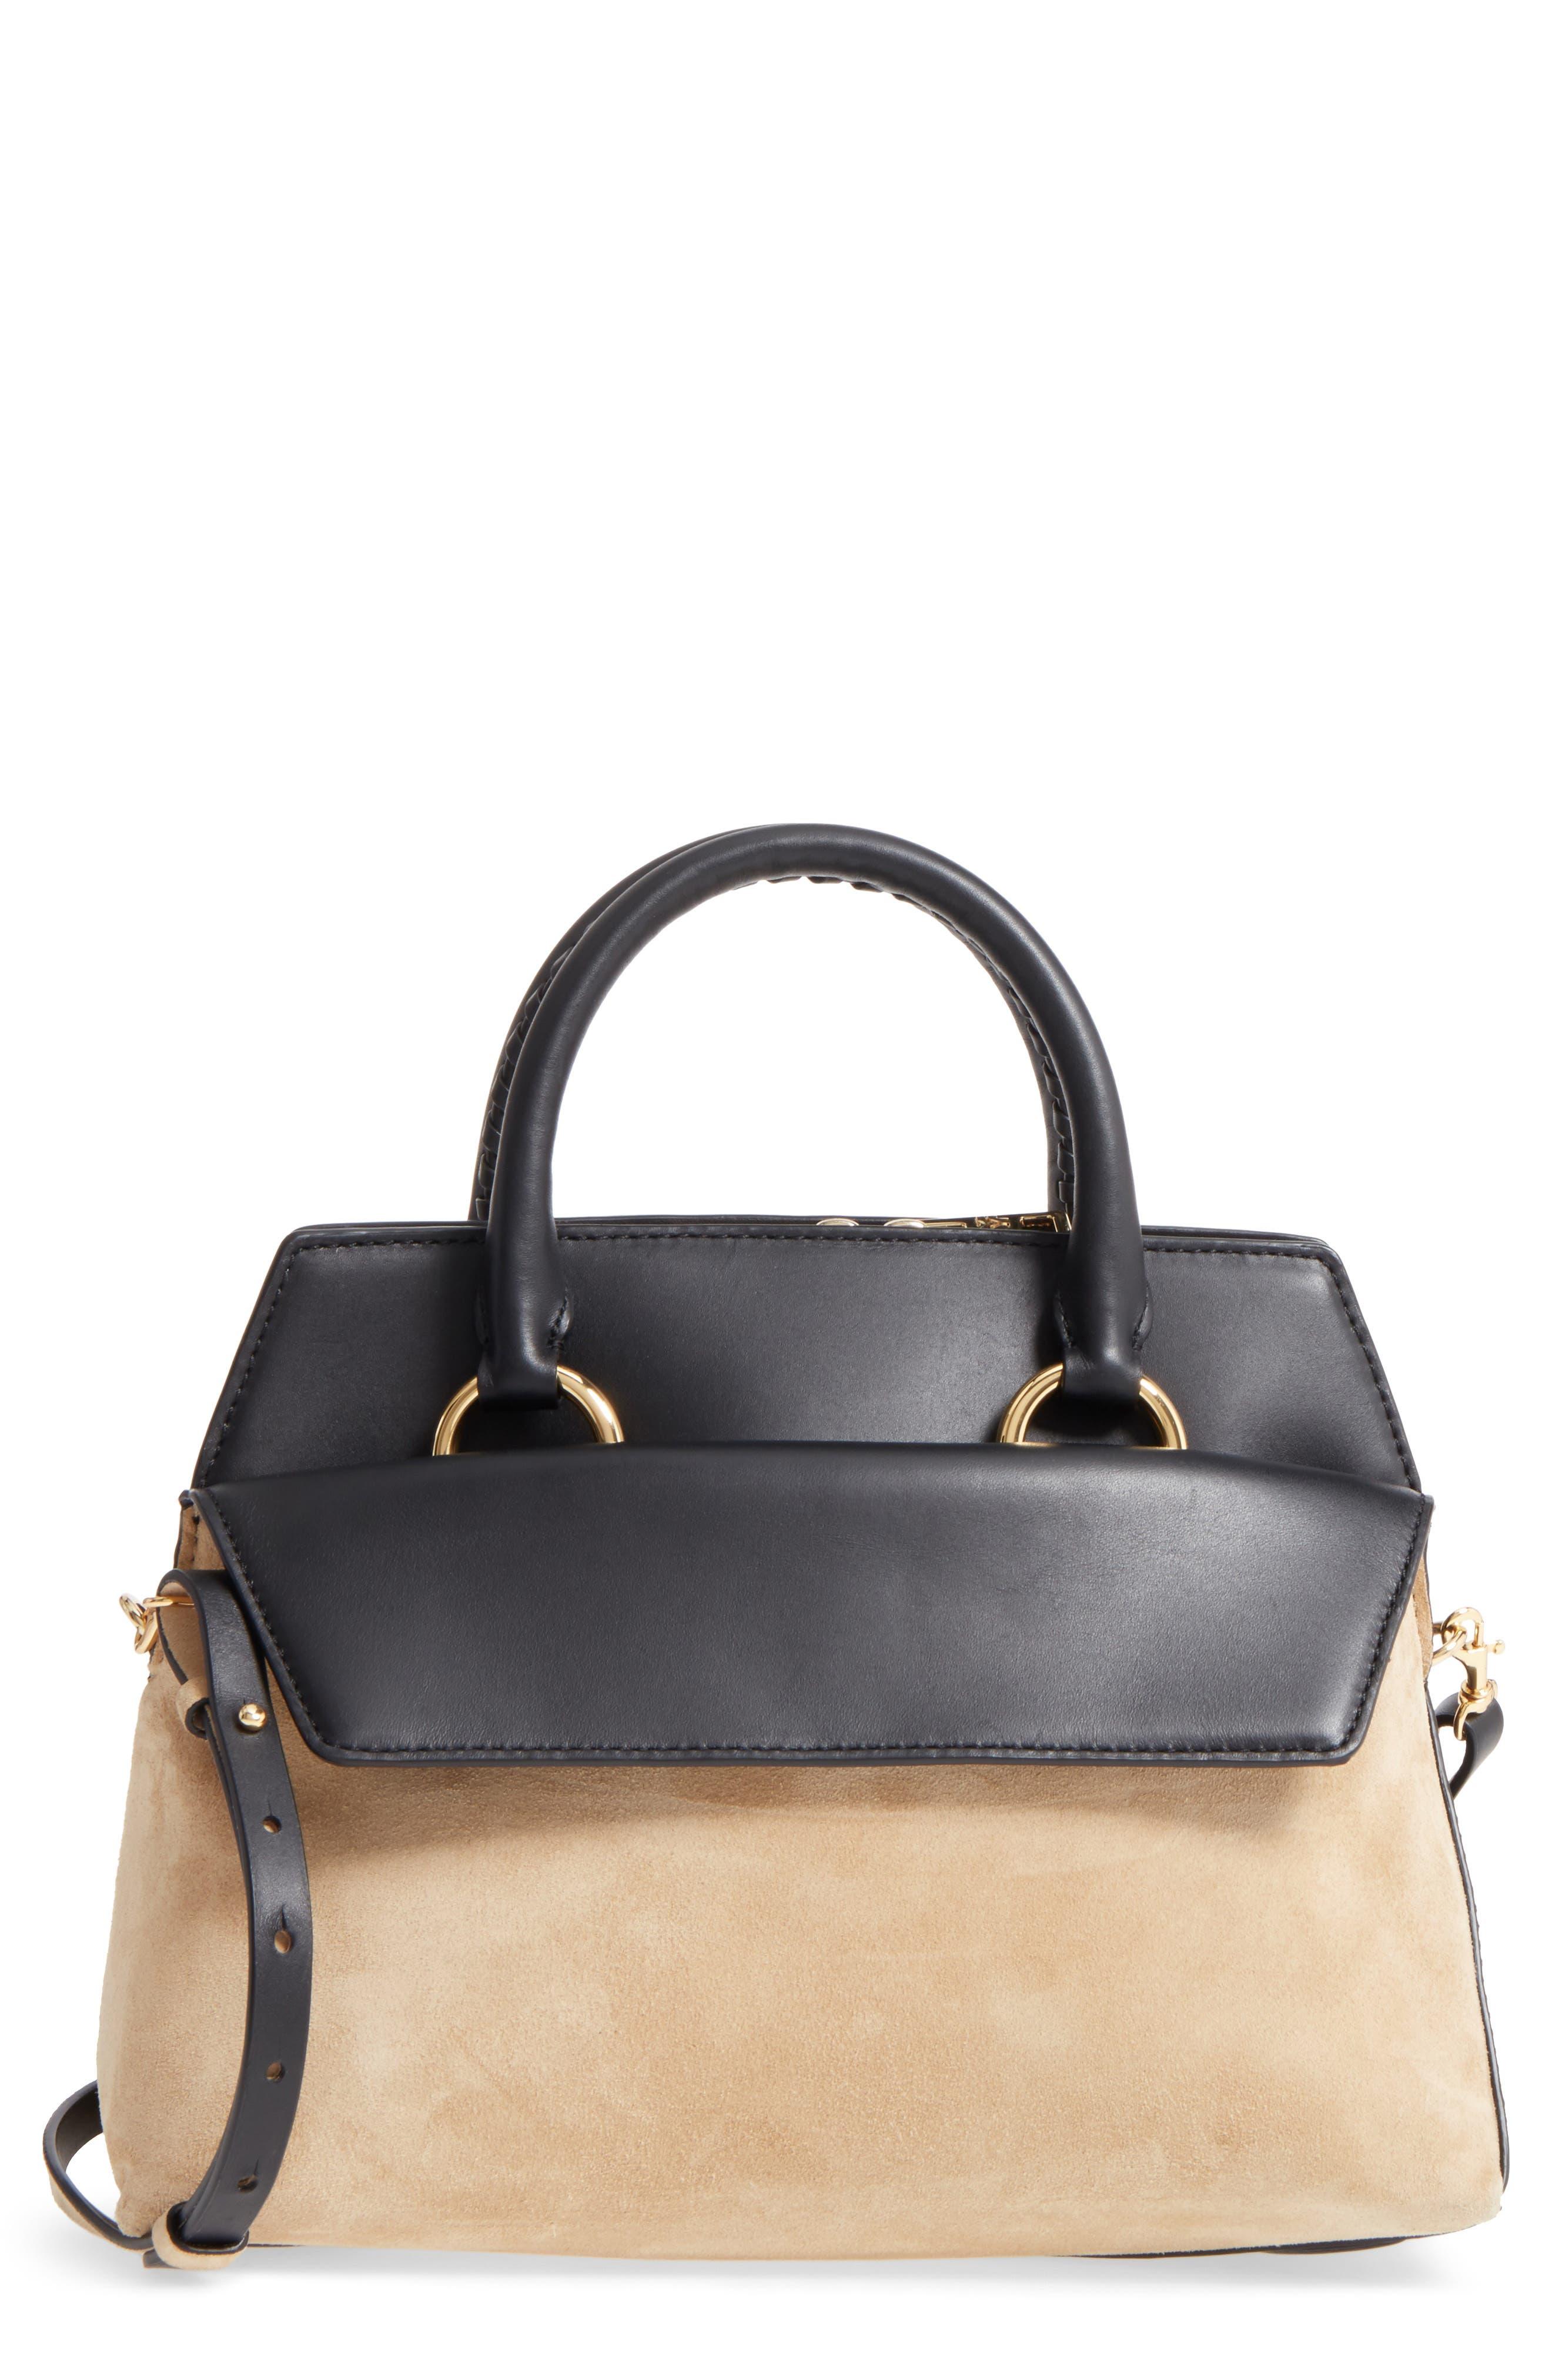 Main Image - Diane von Furstenberg Small Leather & Suede Satchel